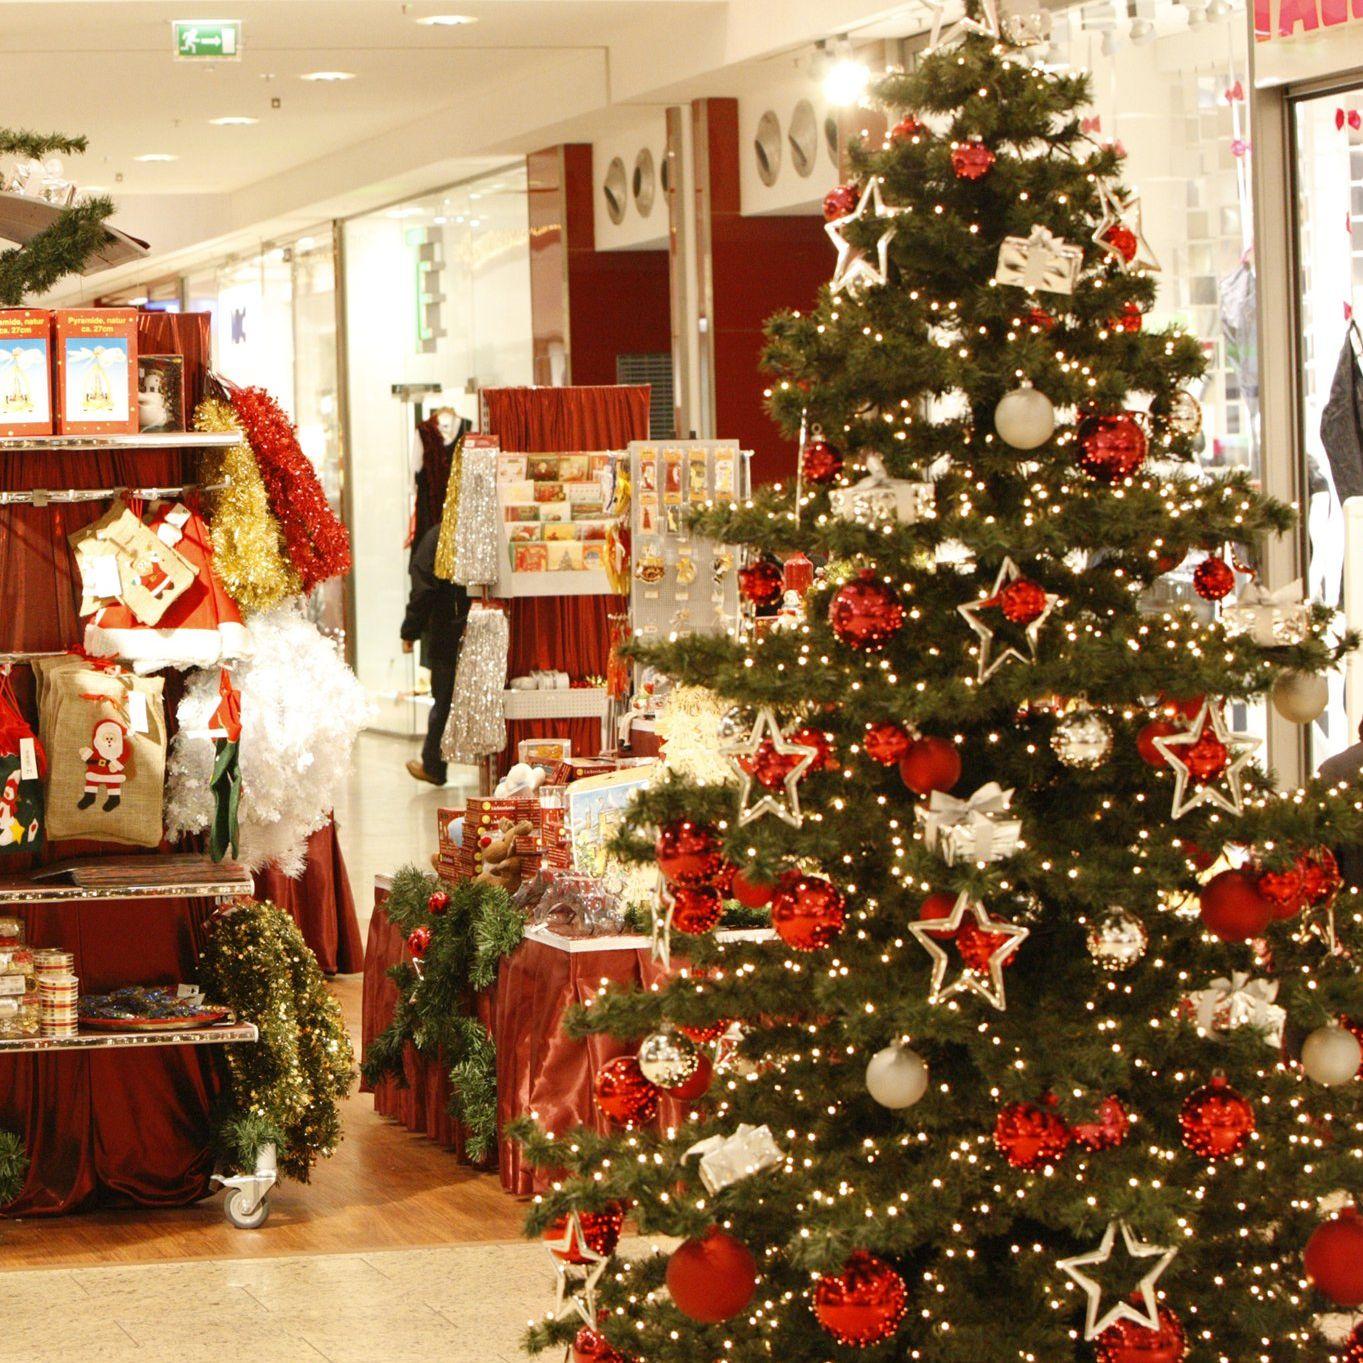 christmas survey weihnachtsgeschenke kunden kaufen am liebsten im station ren handel. Black Bedroom Furniture Sets. Home Design Ideas